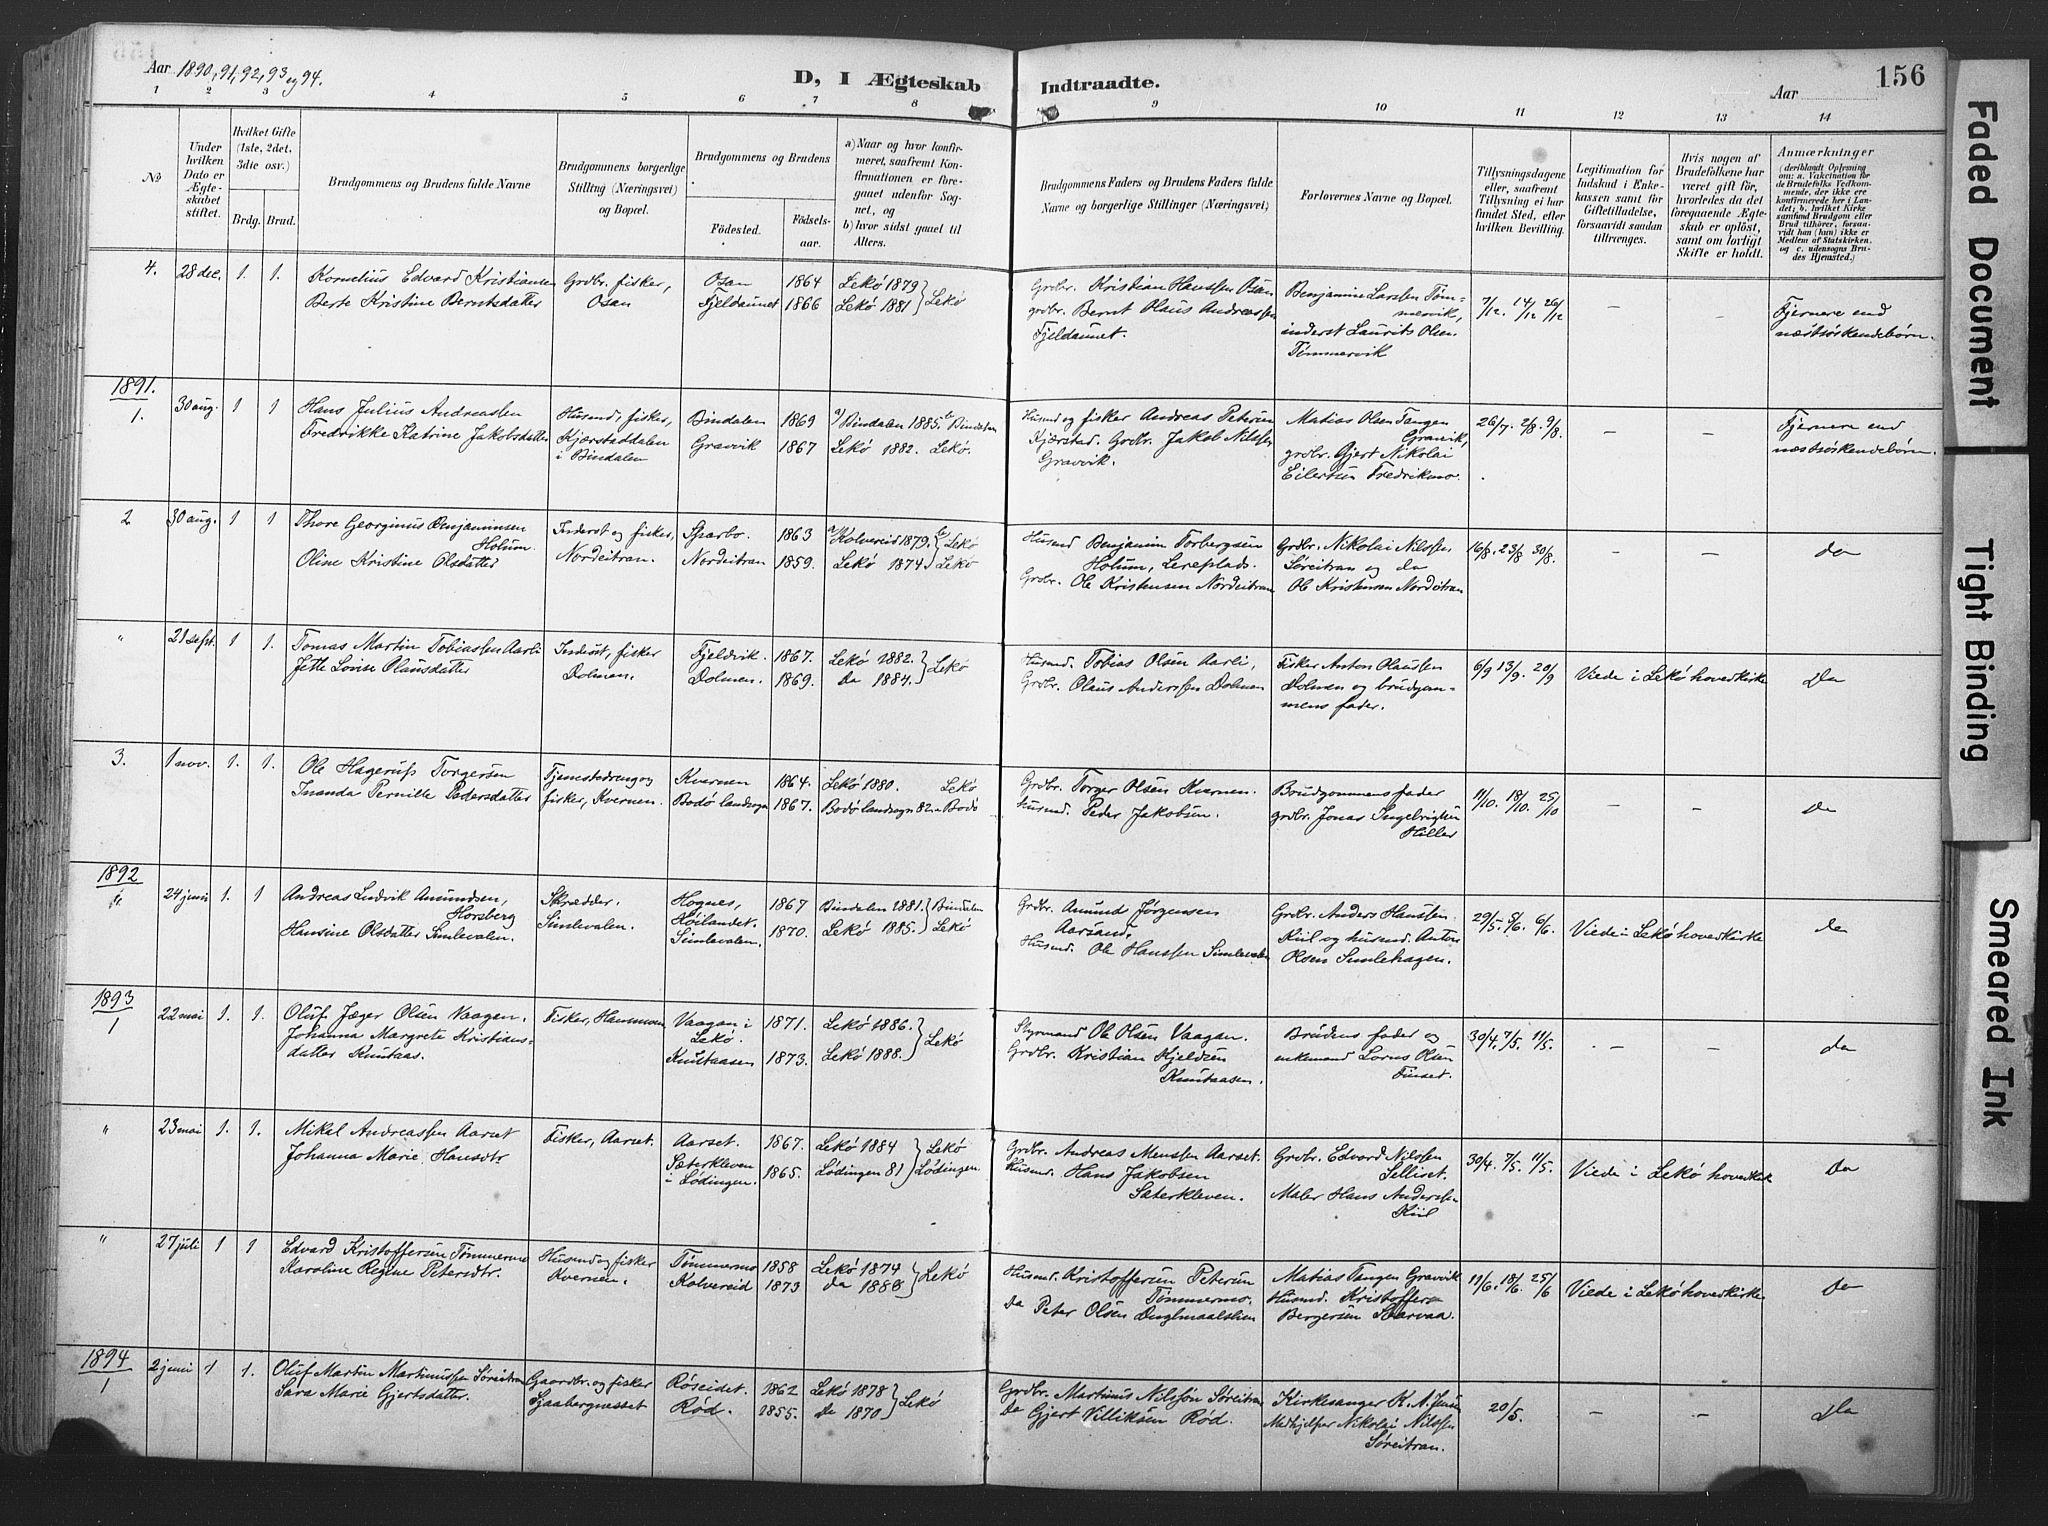 SAT, Ministerialprotokoller, klokkerbøker og fødselsregistre - Nord-Trøndelag, 789/L0706: Klokkerbok nr. 789C01, 1888-1931, s. 156